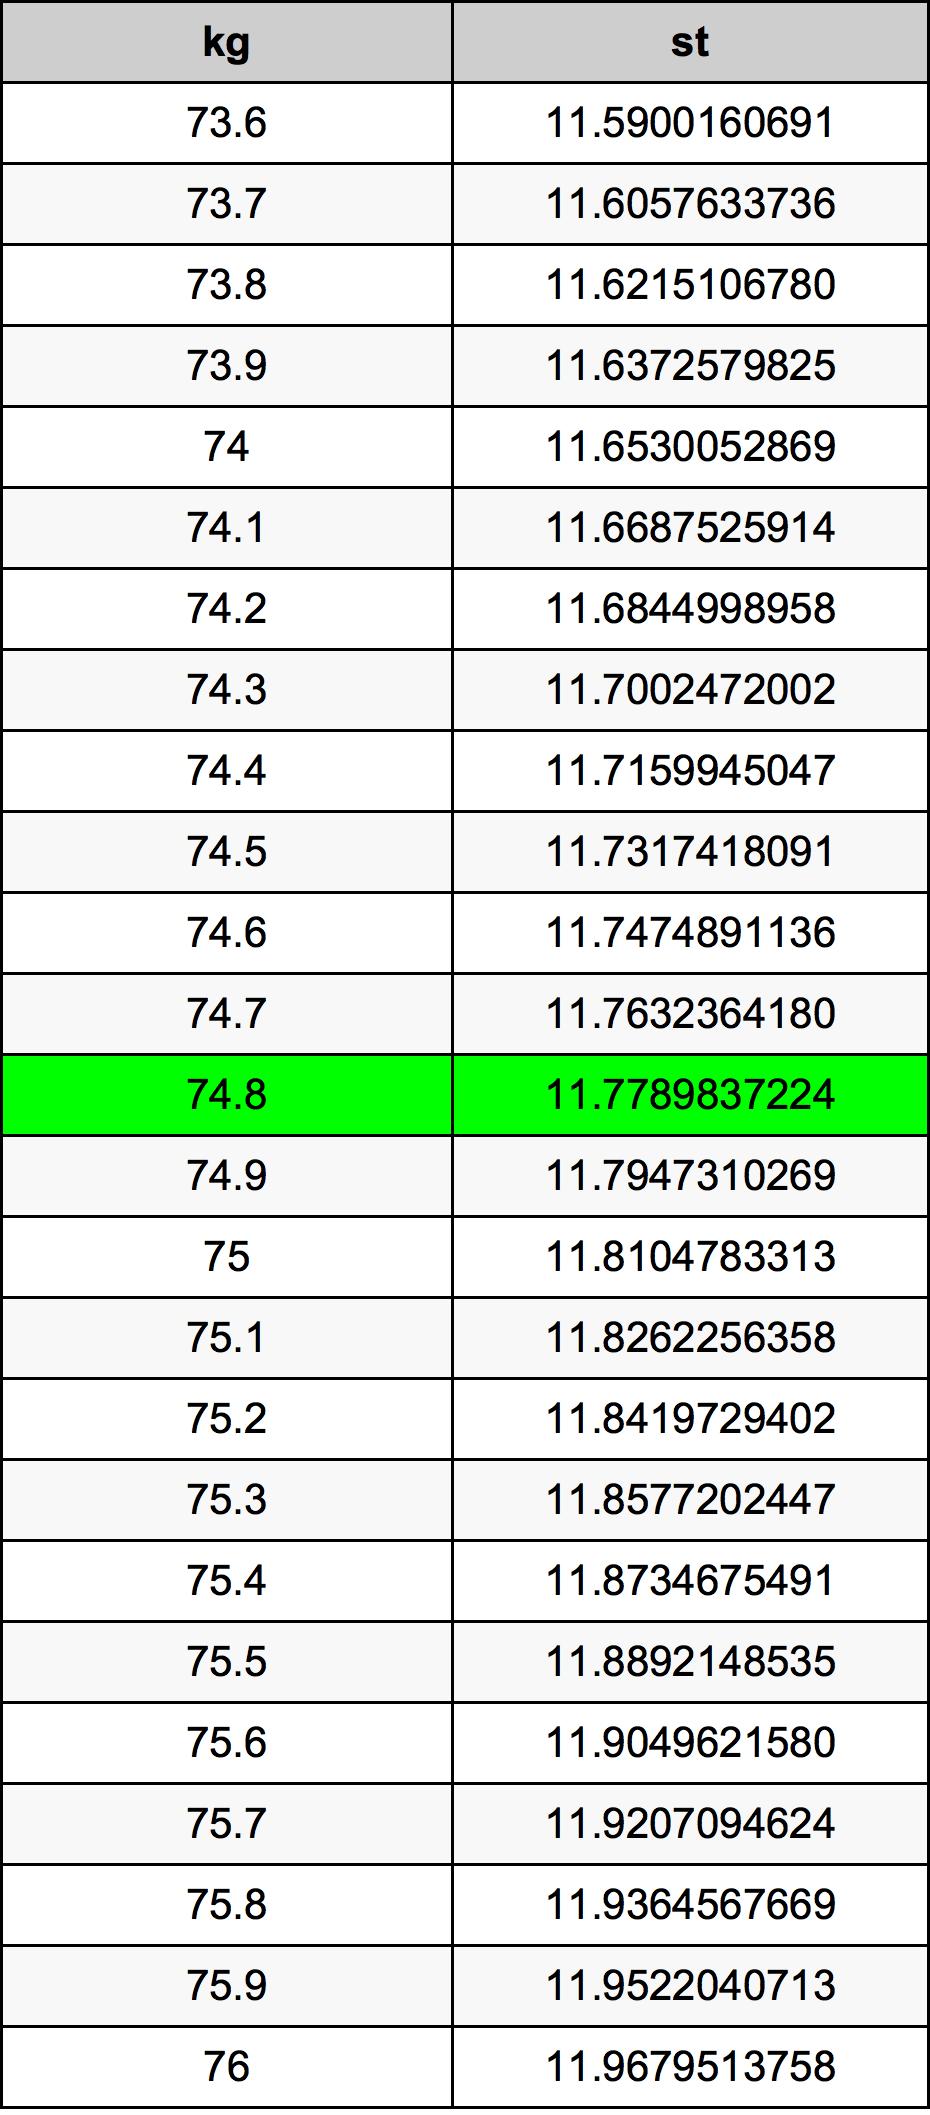 74.8 Kilogramo Tabla de conversión